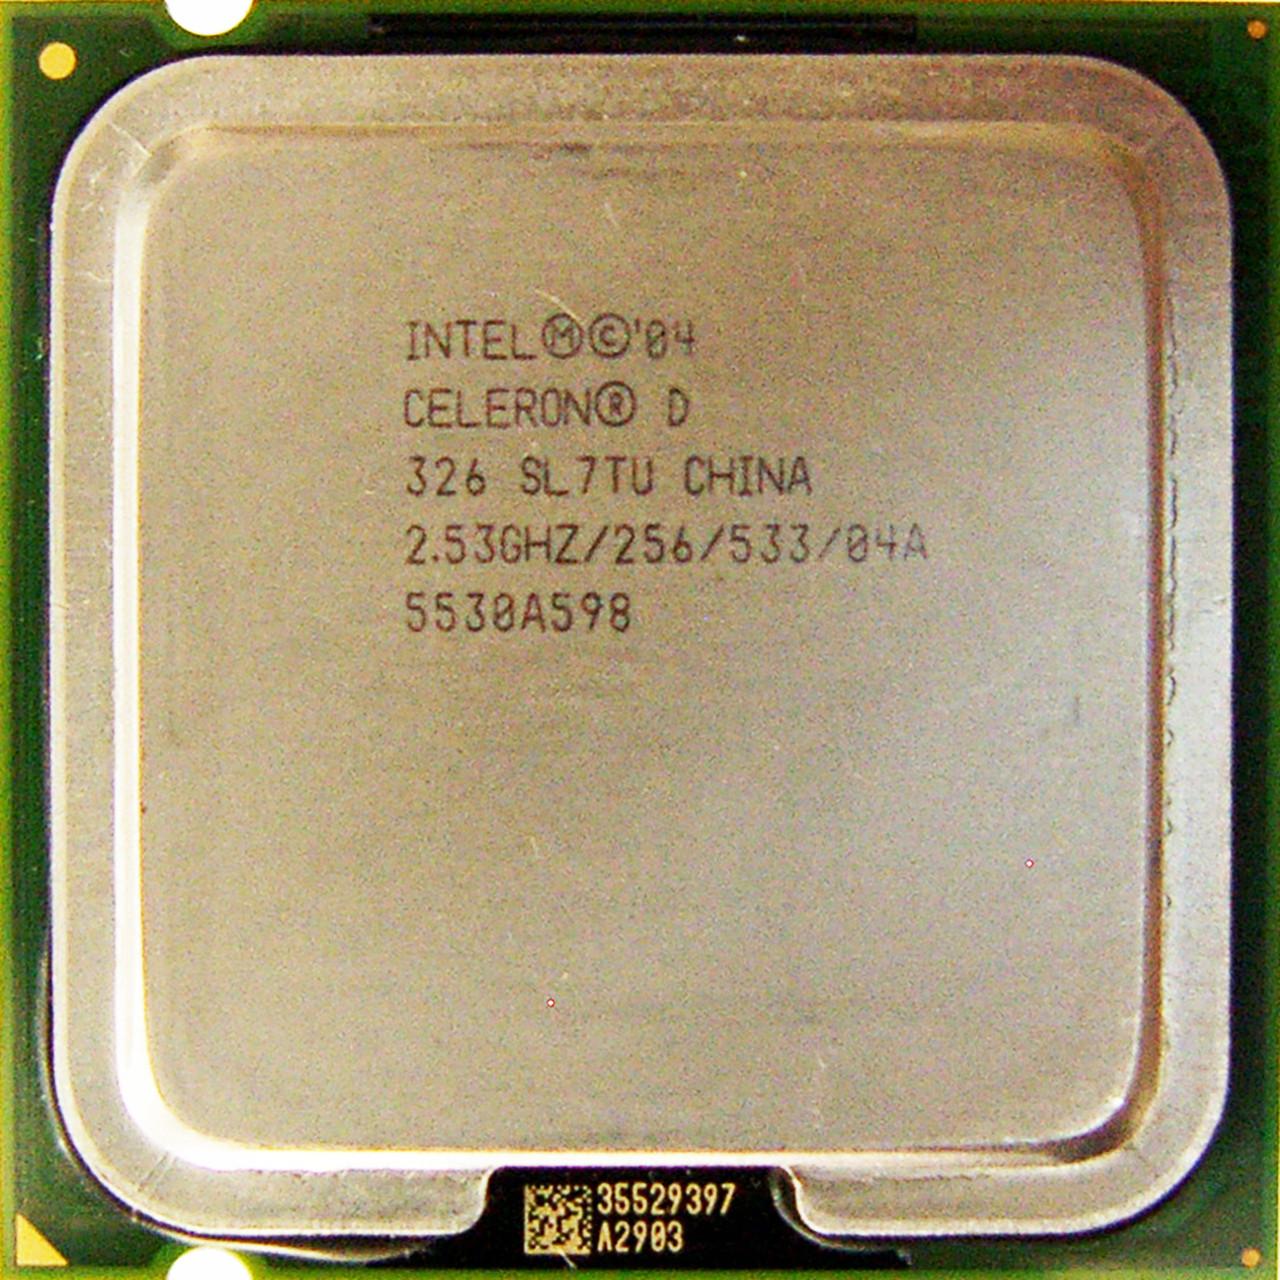 Процессор Intel Celeron D 325 2.53GHz/256/533 (SL7TU) s478, tray